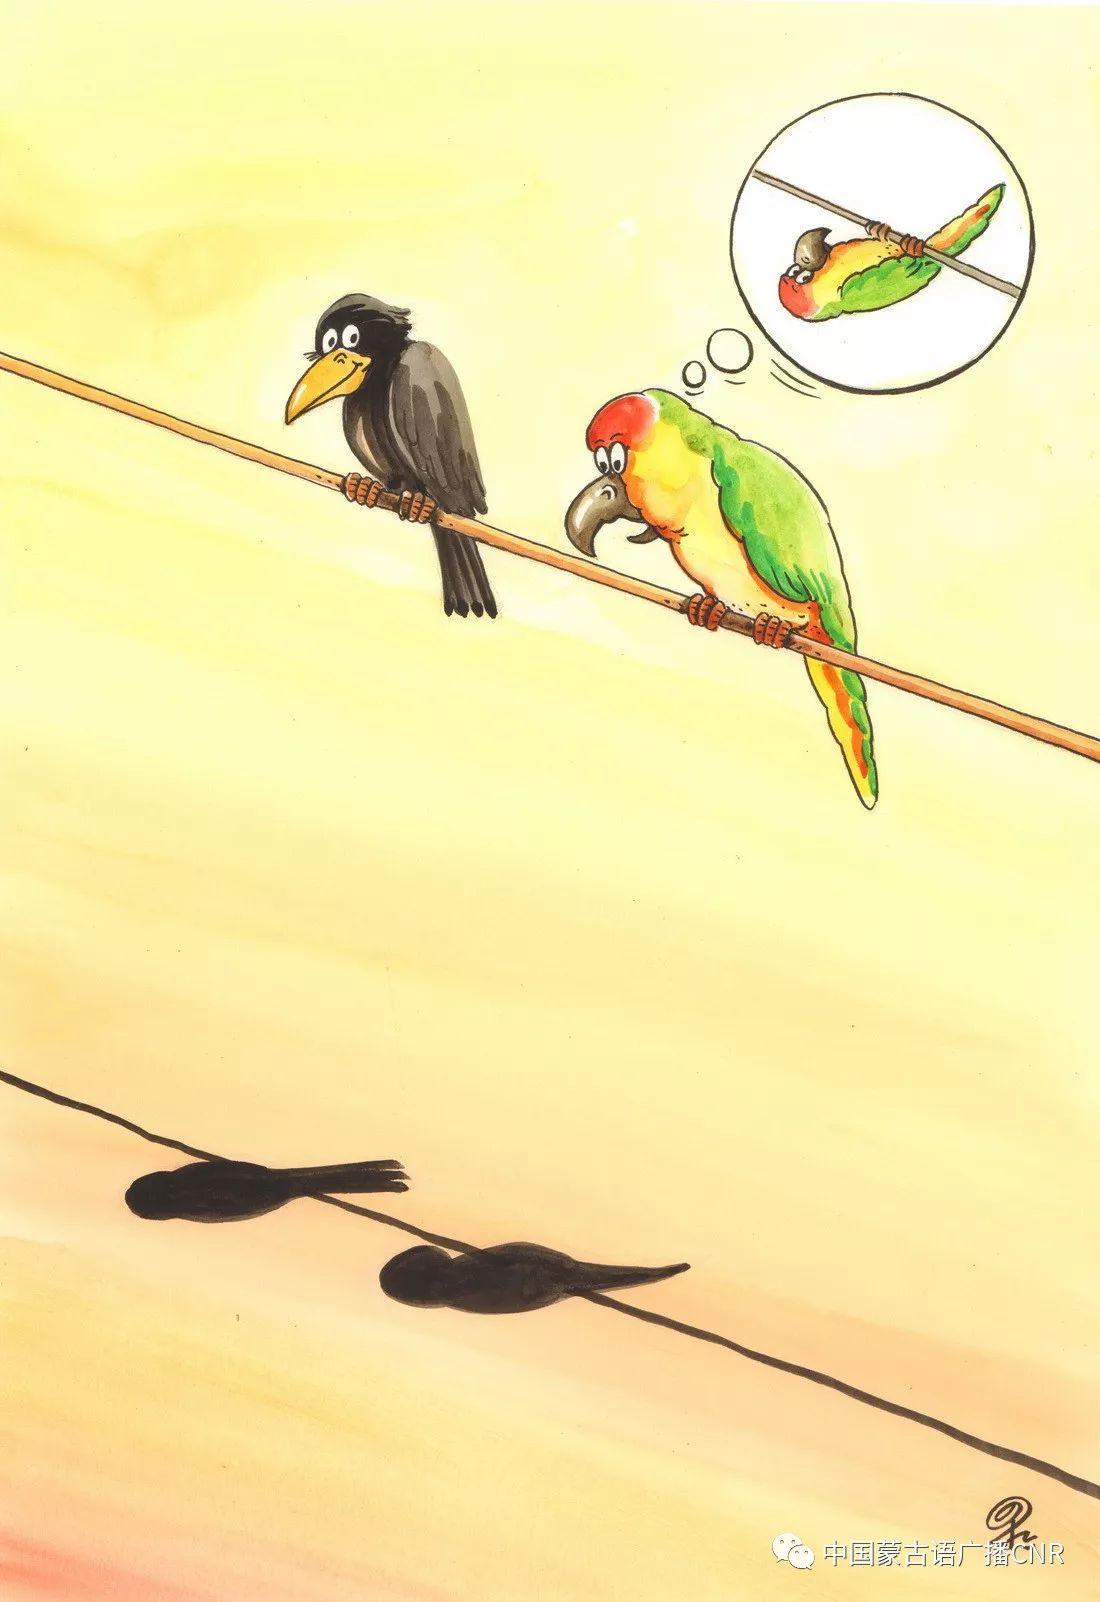 蒙古族漫画家巴•毕力格的漫画新作 第7张